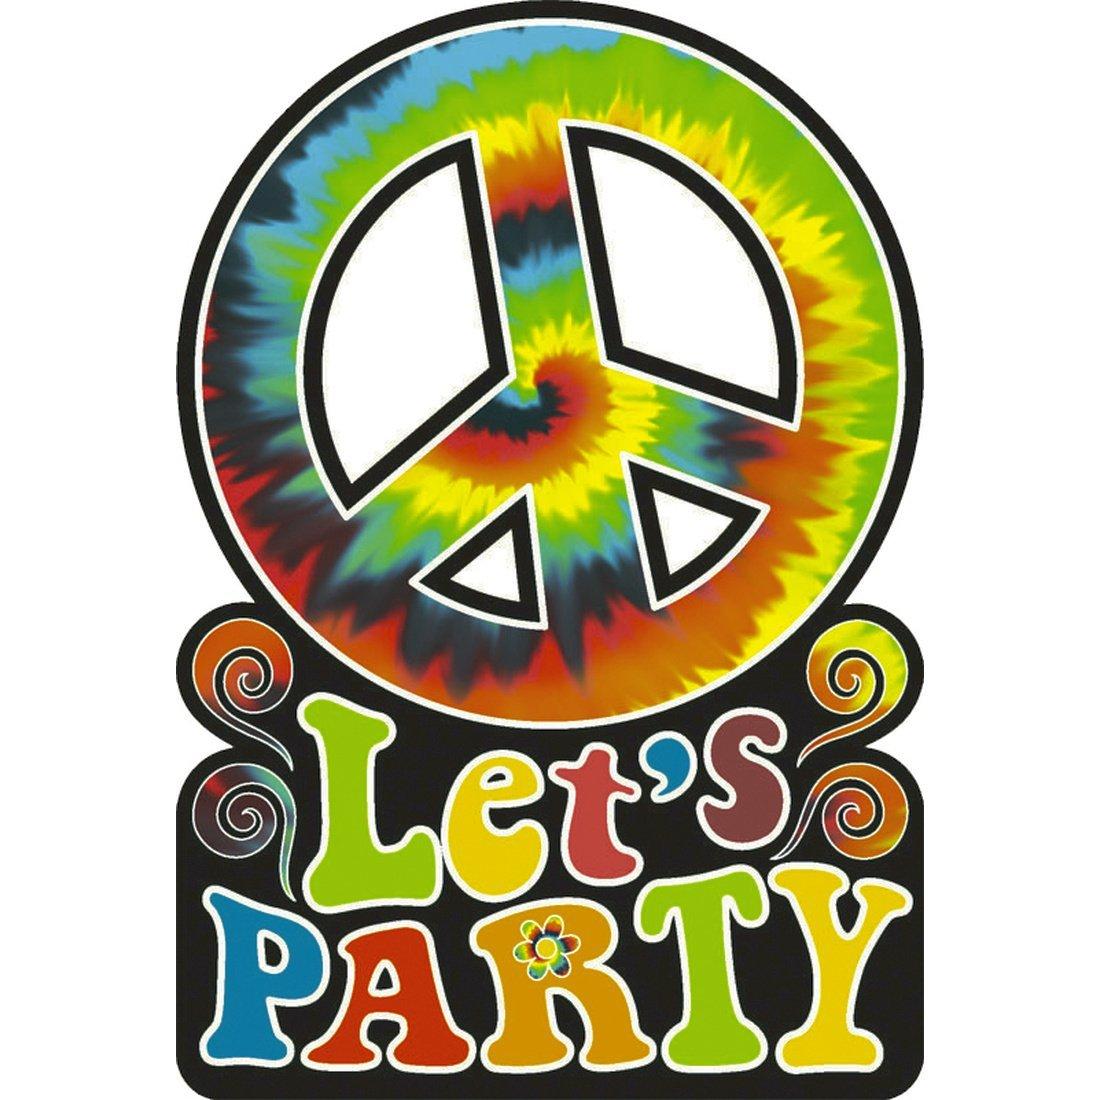 8 Stk. 70er Jahre Einladungskarten Mit Umschlägen Hippie Party Einladungs  Set Mottoparty Einladungen Geburtstag Einladungsset 60`s Invitations:  Amazon.de: ...